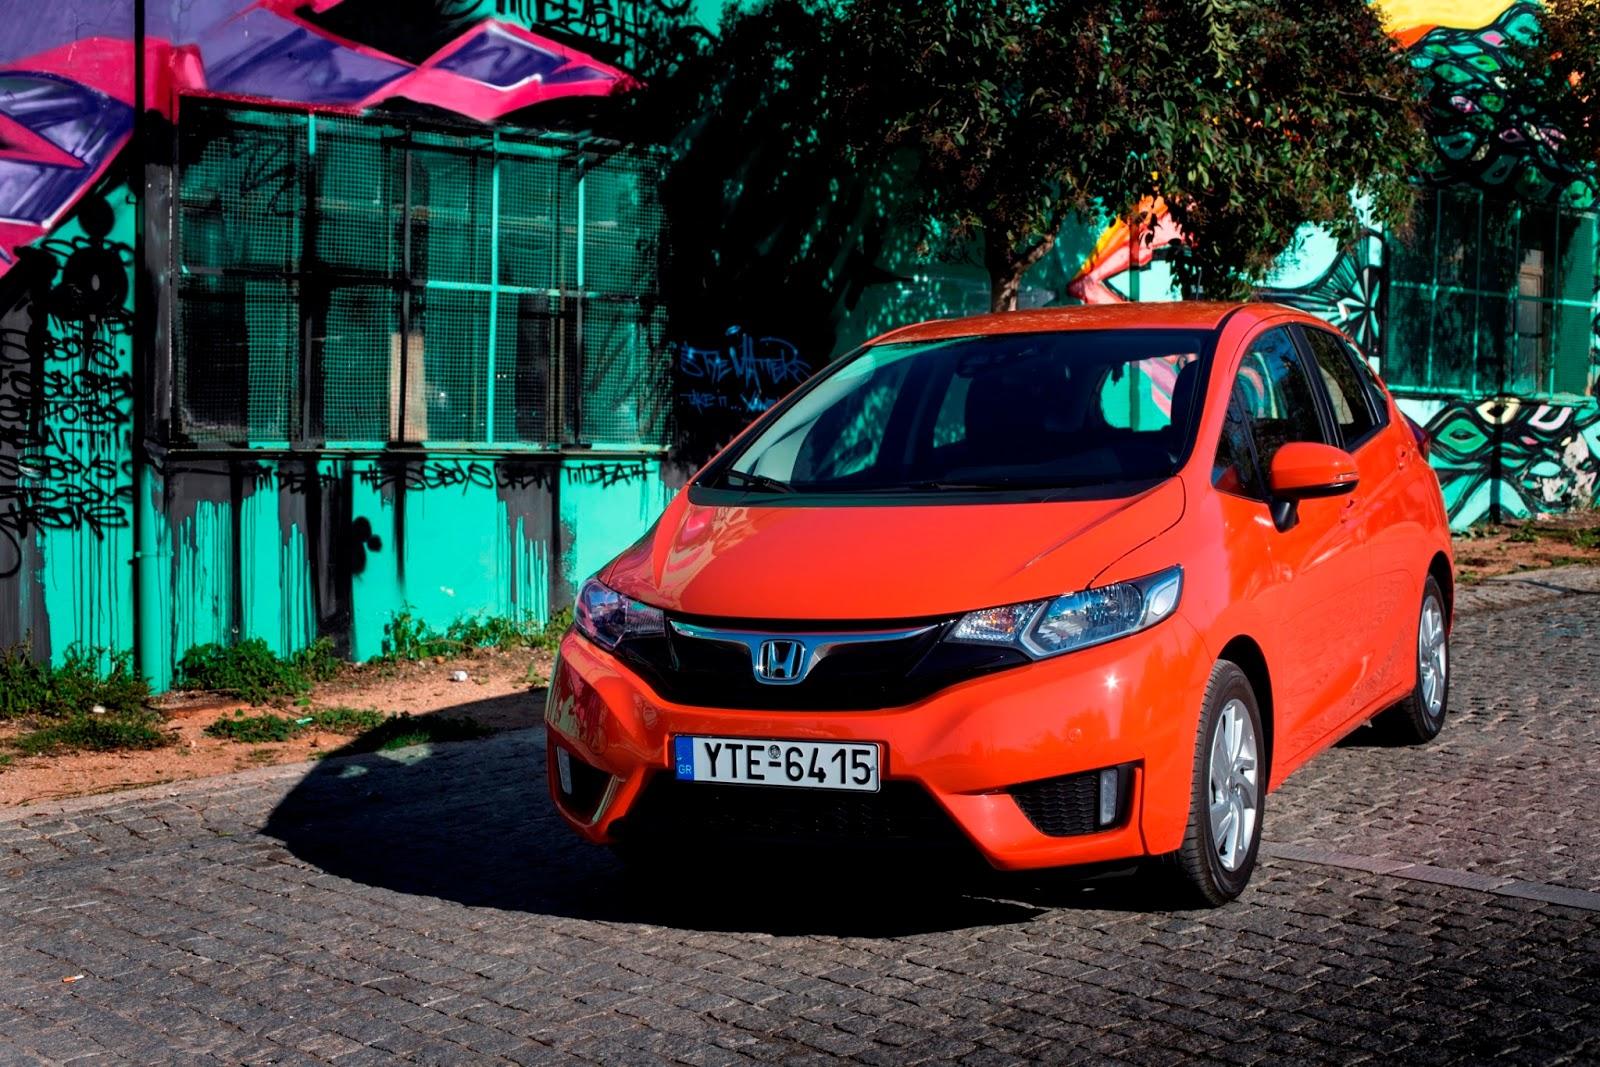 Νέοι τιμοκατάλογοι Honda και Mitsubishi Motors